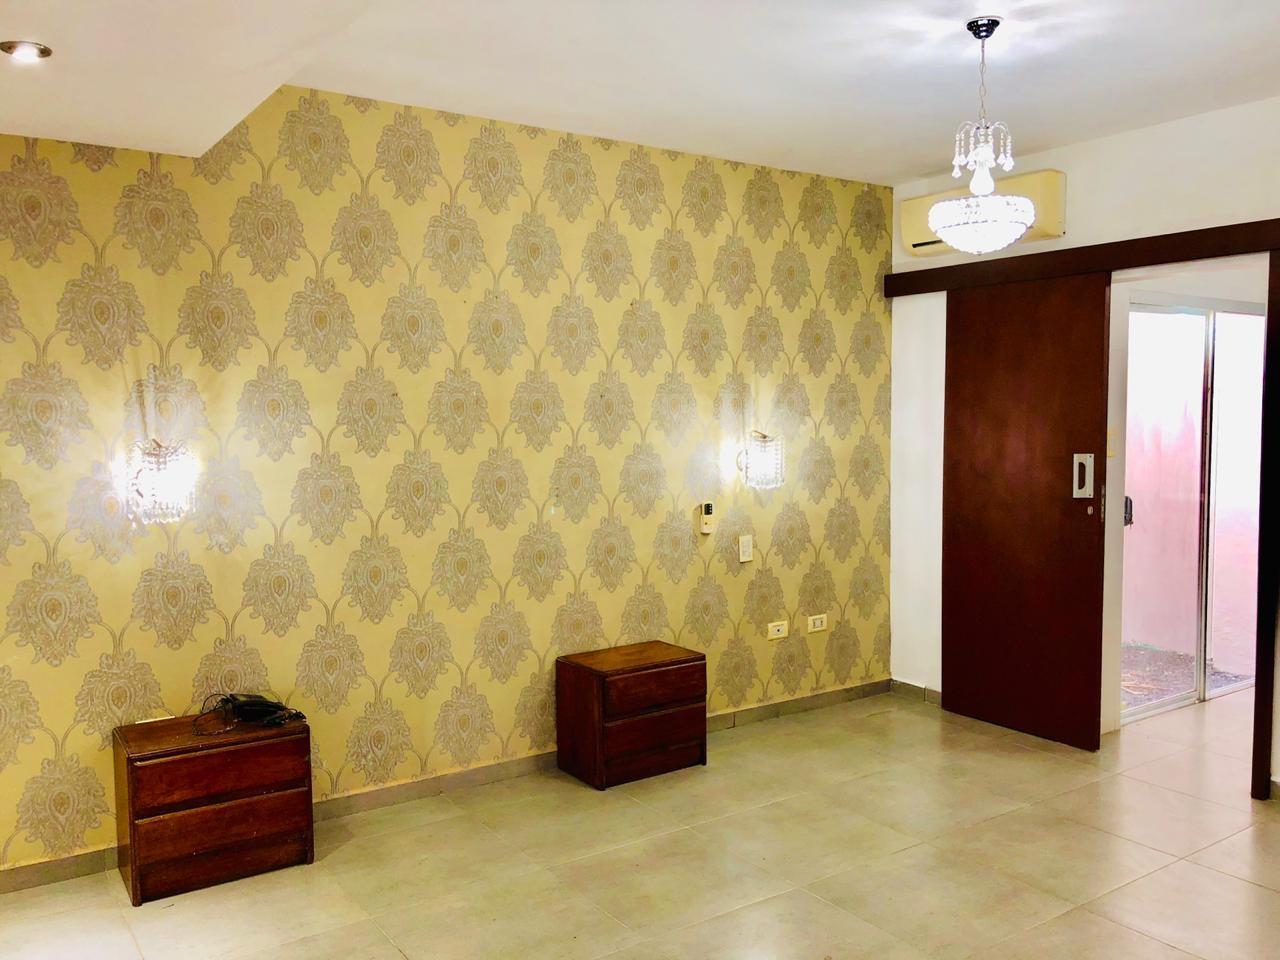 Casa en Alquiler Zona Urubo - Condominio Jardines del Urubo - lado de Restaurante Casa del Camba - a 1 minuto del Puente principal. Foto 15